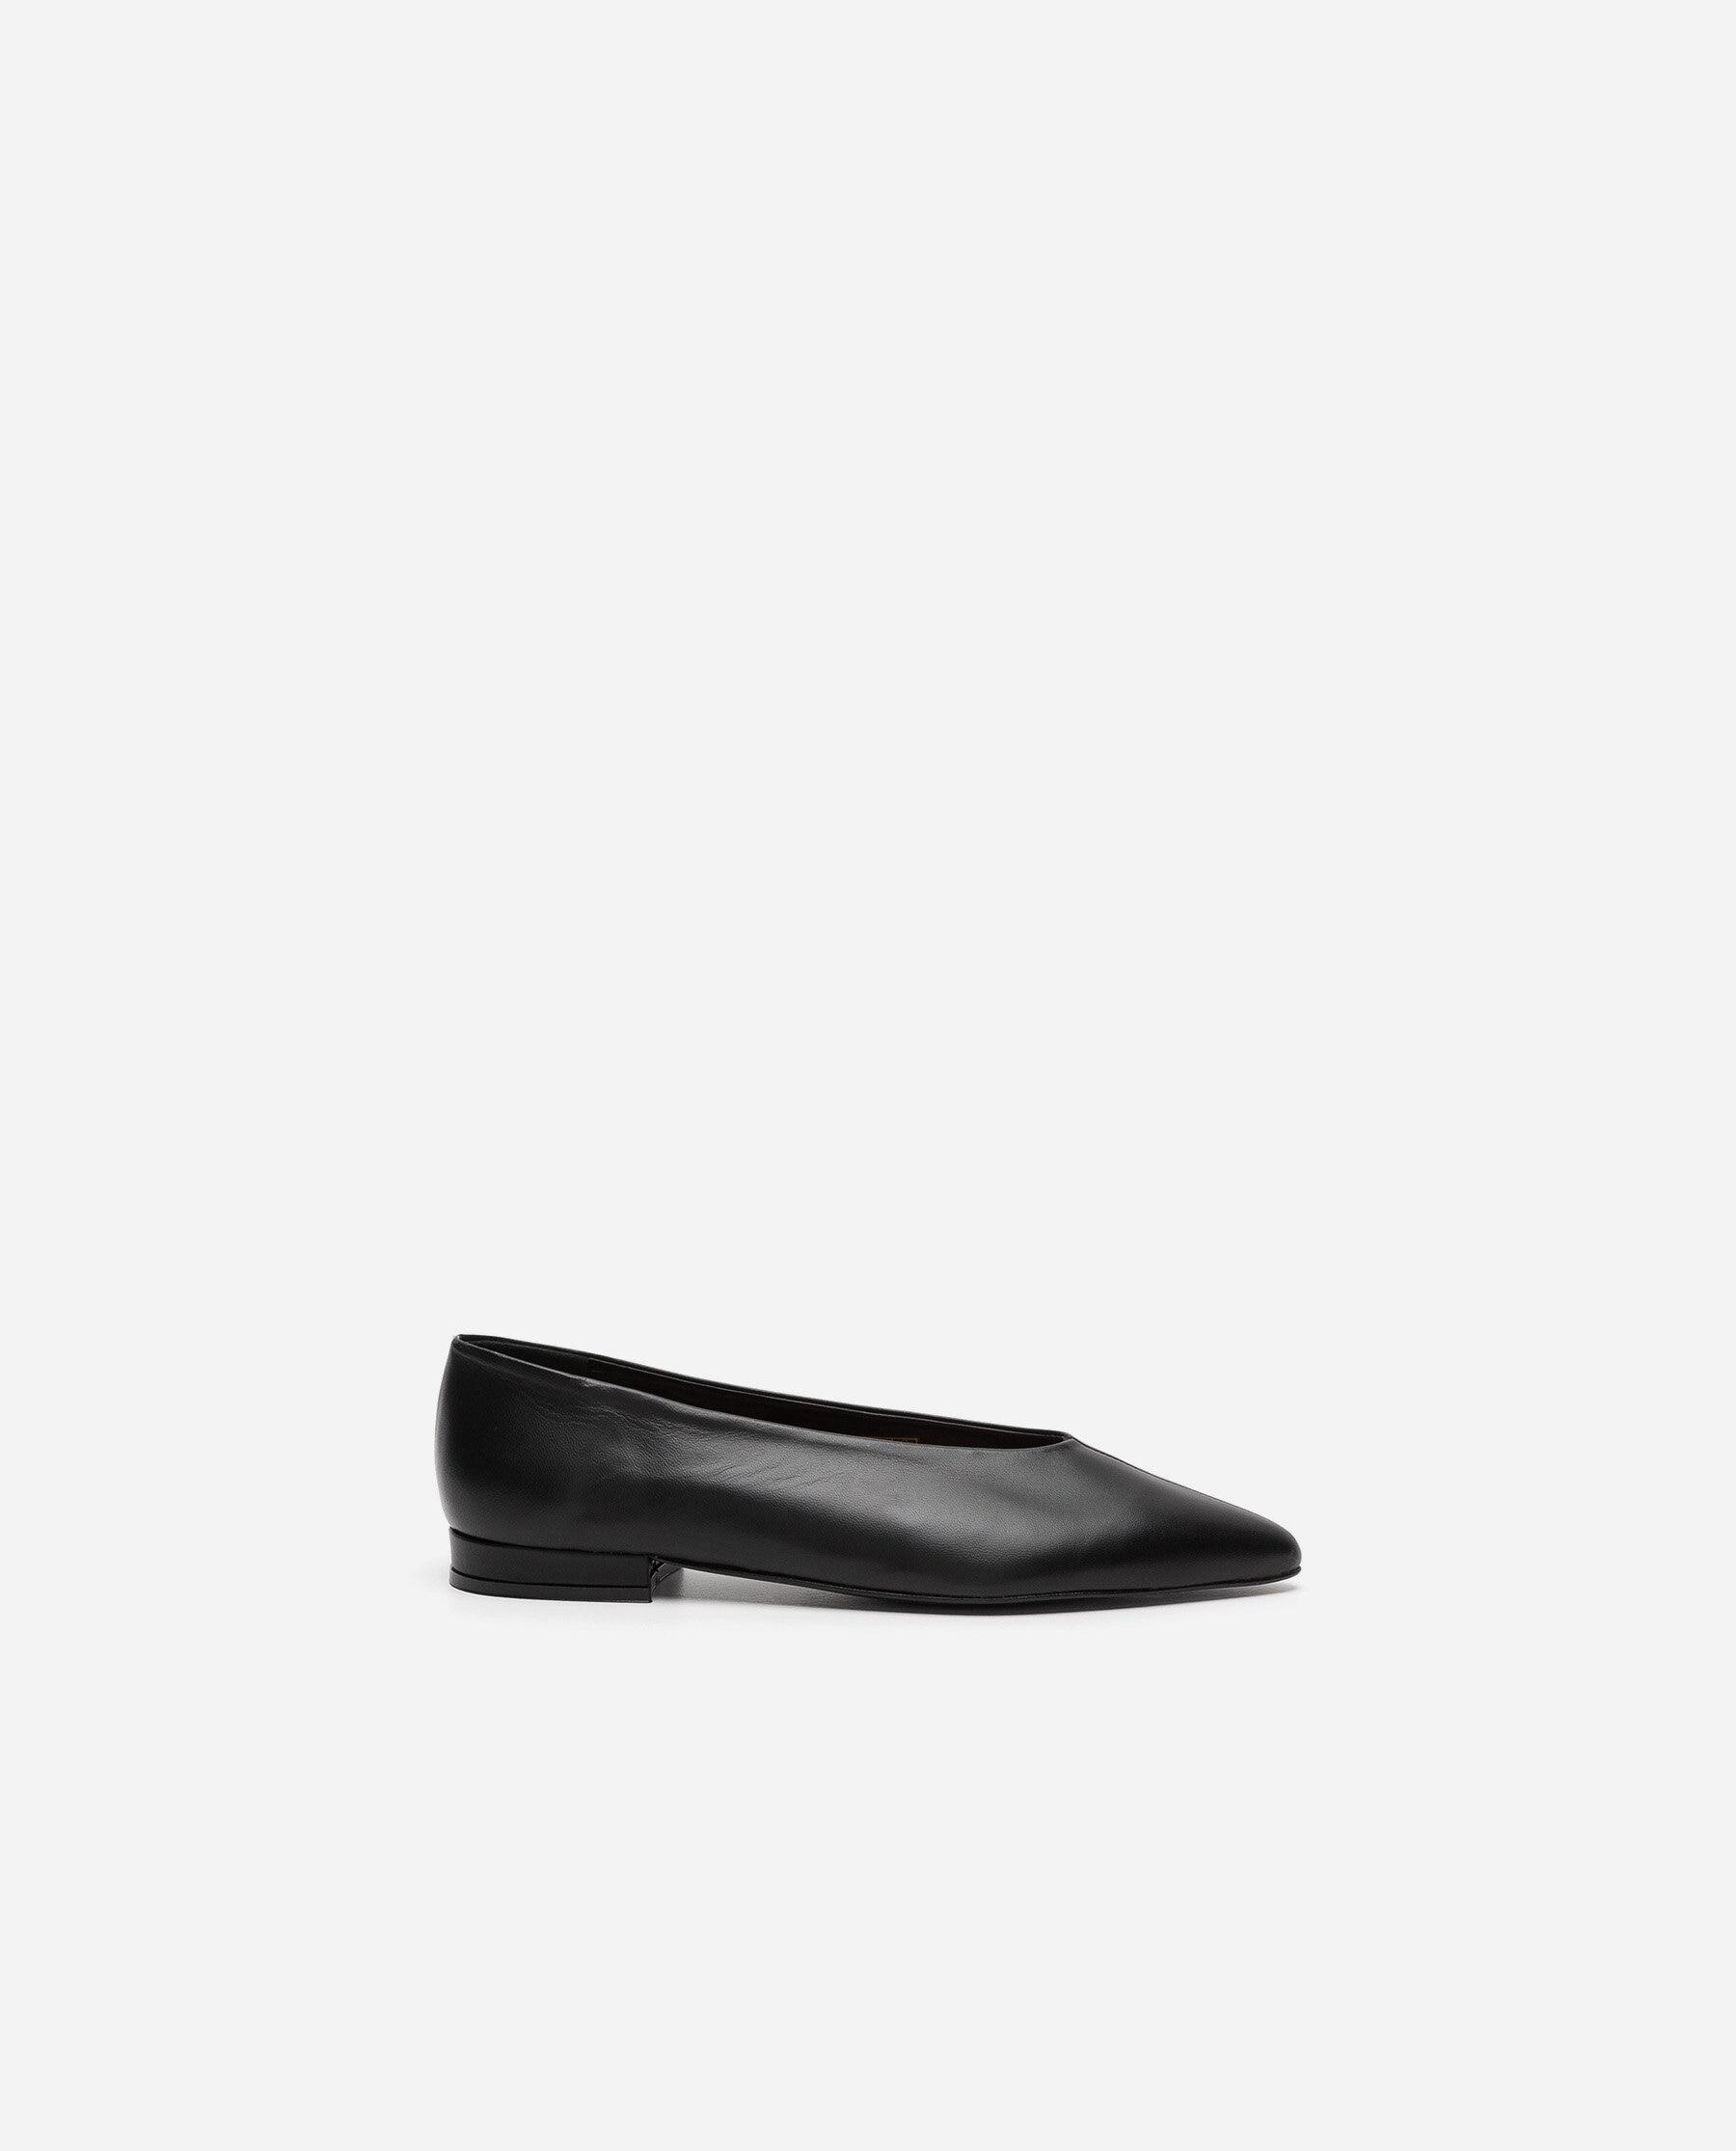 Uma Leather Black